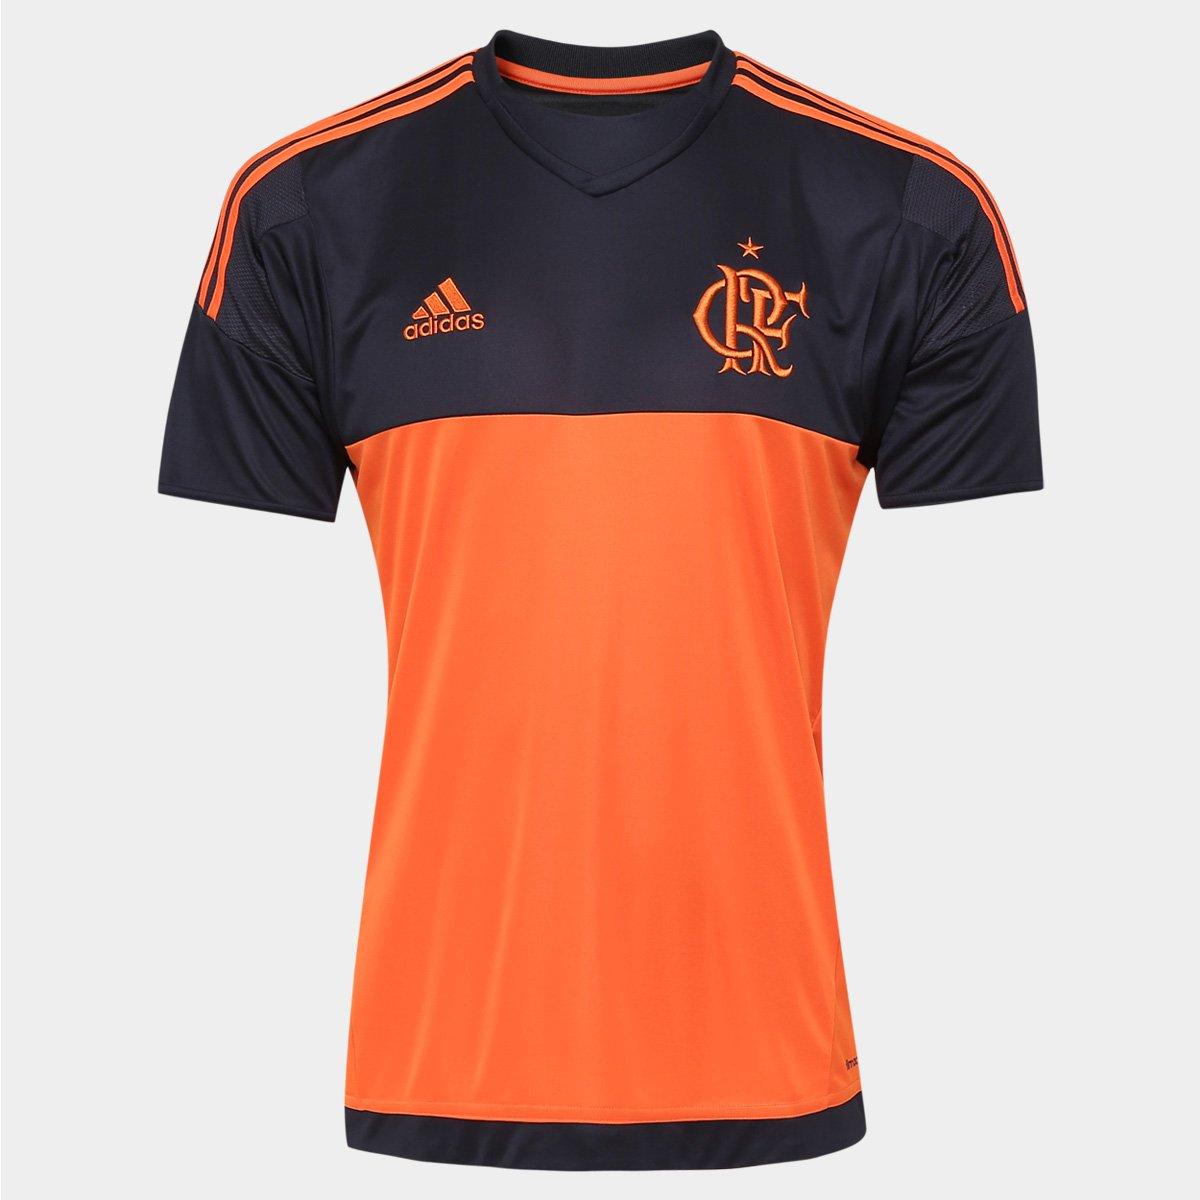 df96af2430 Camisa Adidas Flamengo Goleiro 2016 s nº - Compre Agora